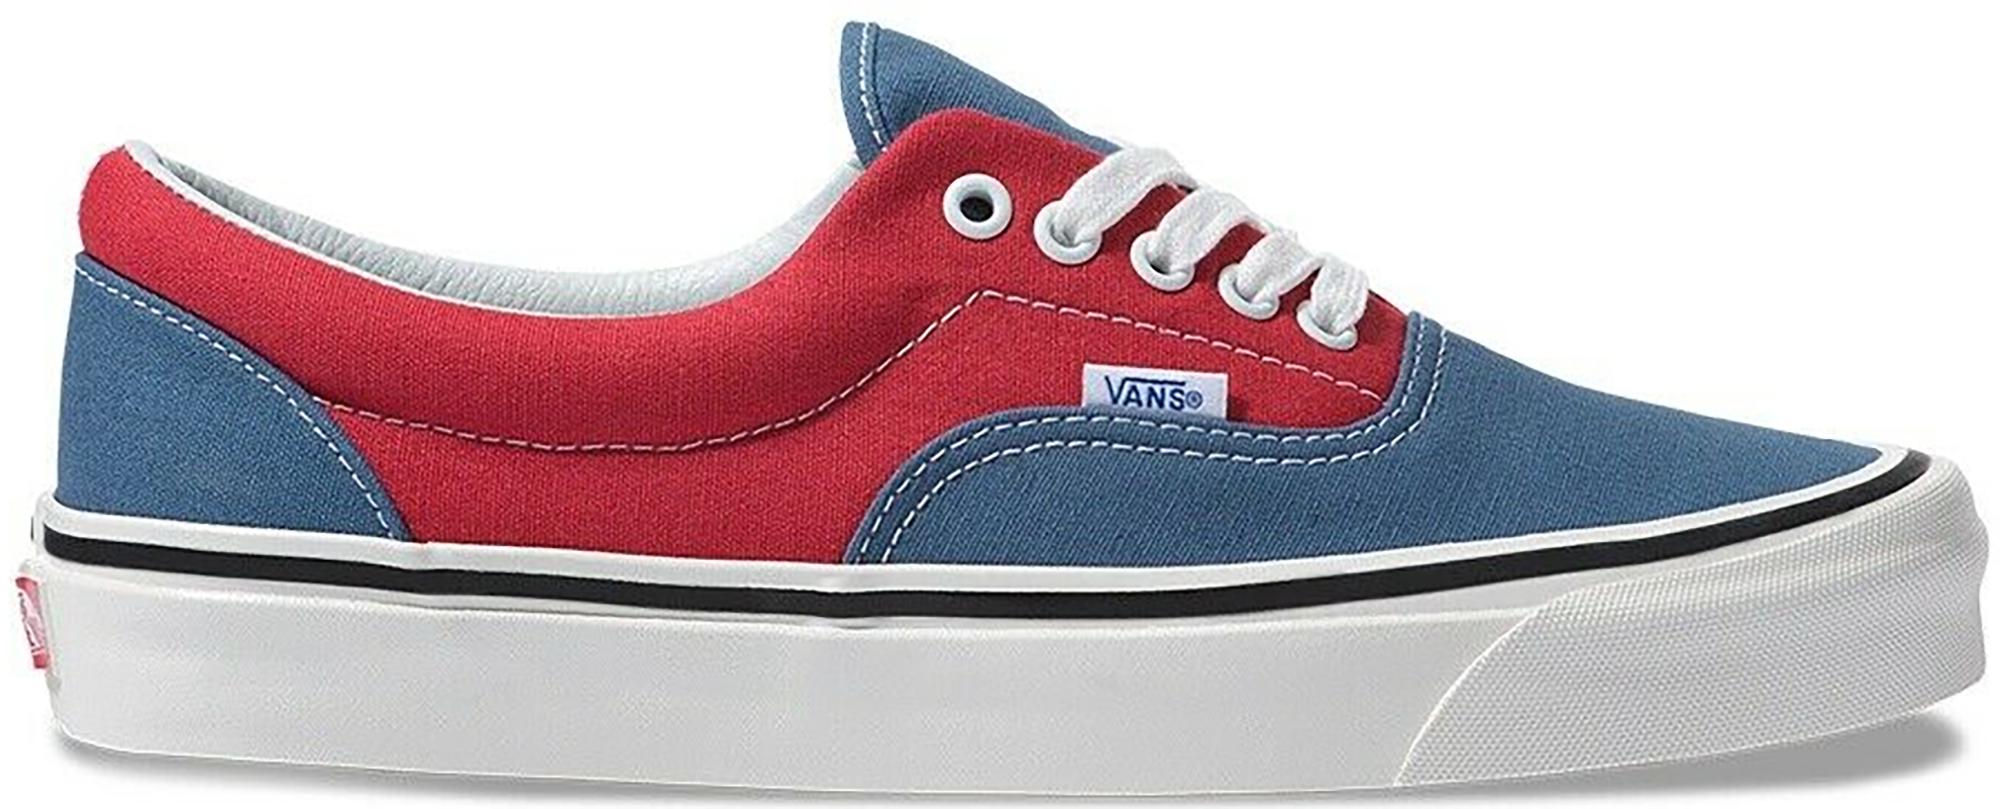 Vans Era 95 DX Anaheim Factory Navy Red